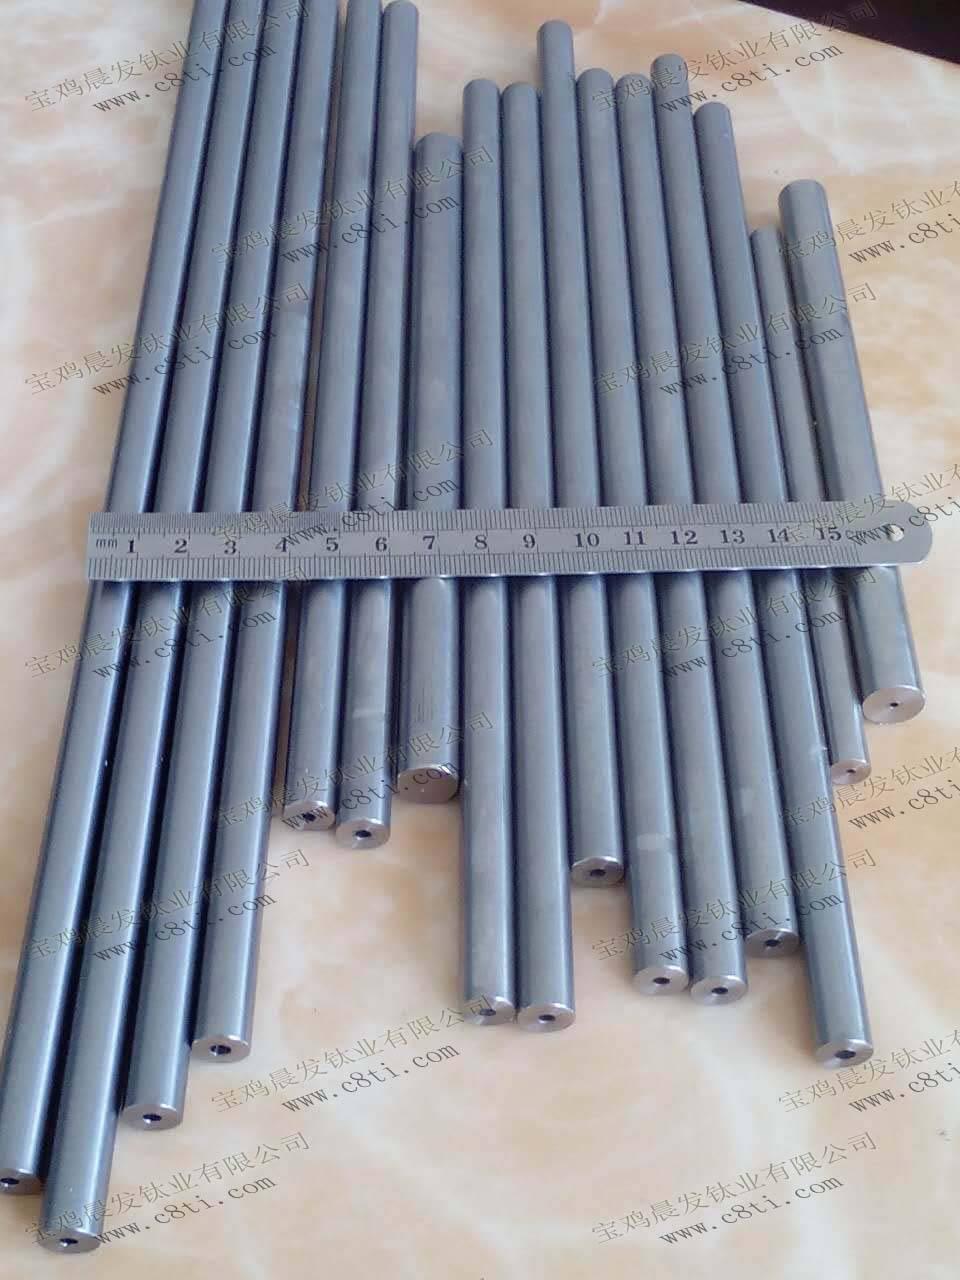 Gr23 titanium pipes